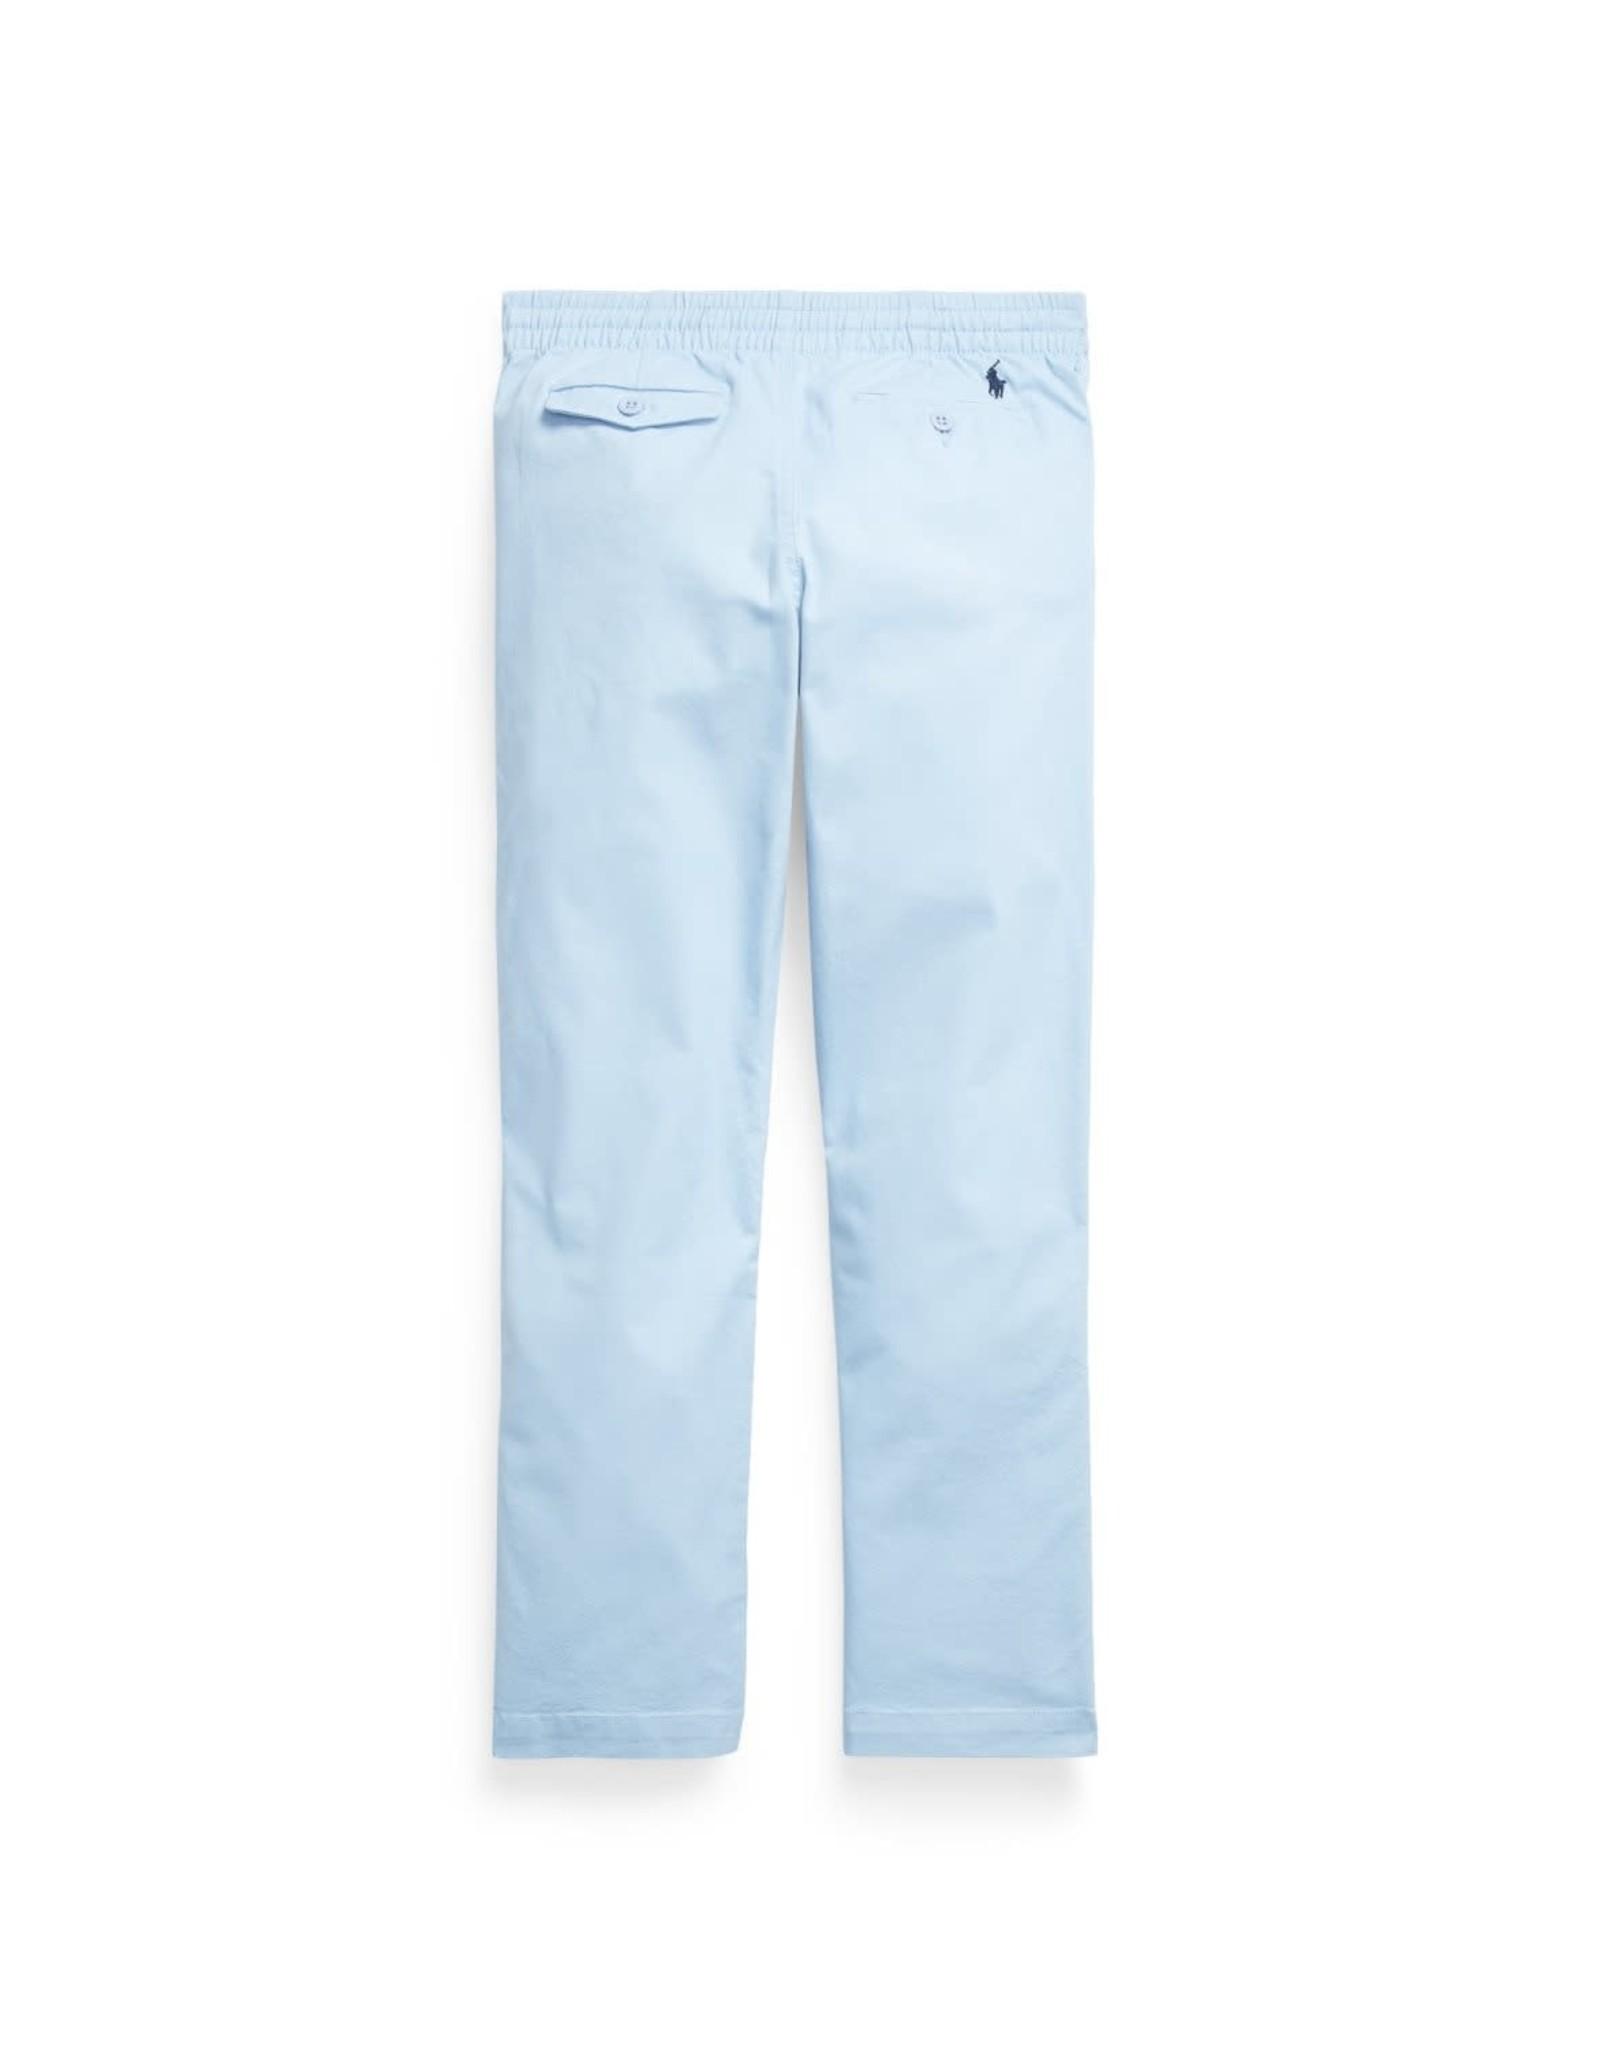 RALPH LAUREN RALPH LAUREN blauwe chino broek